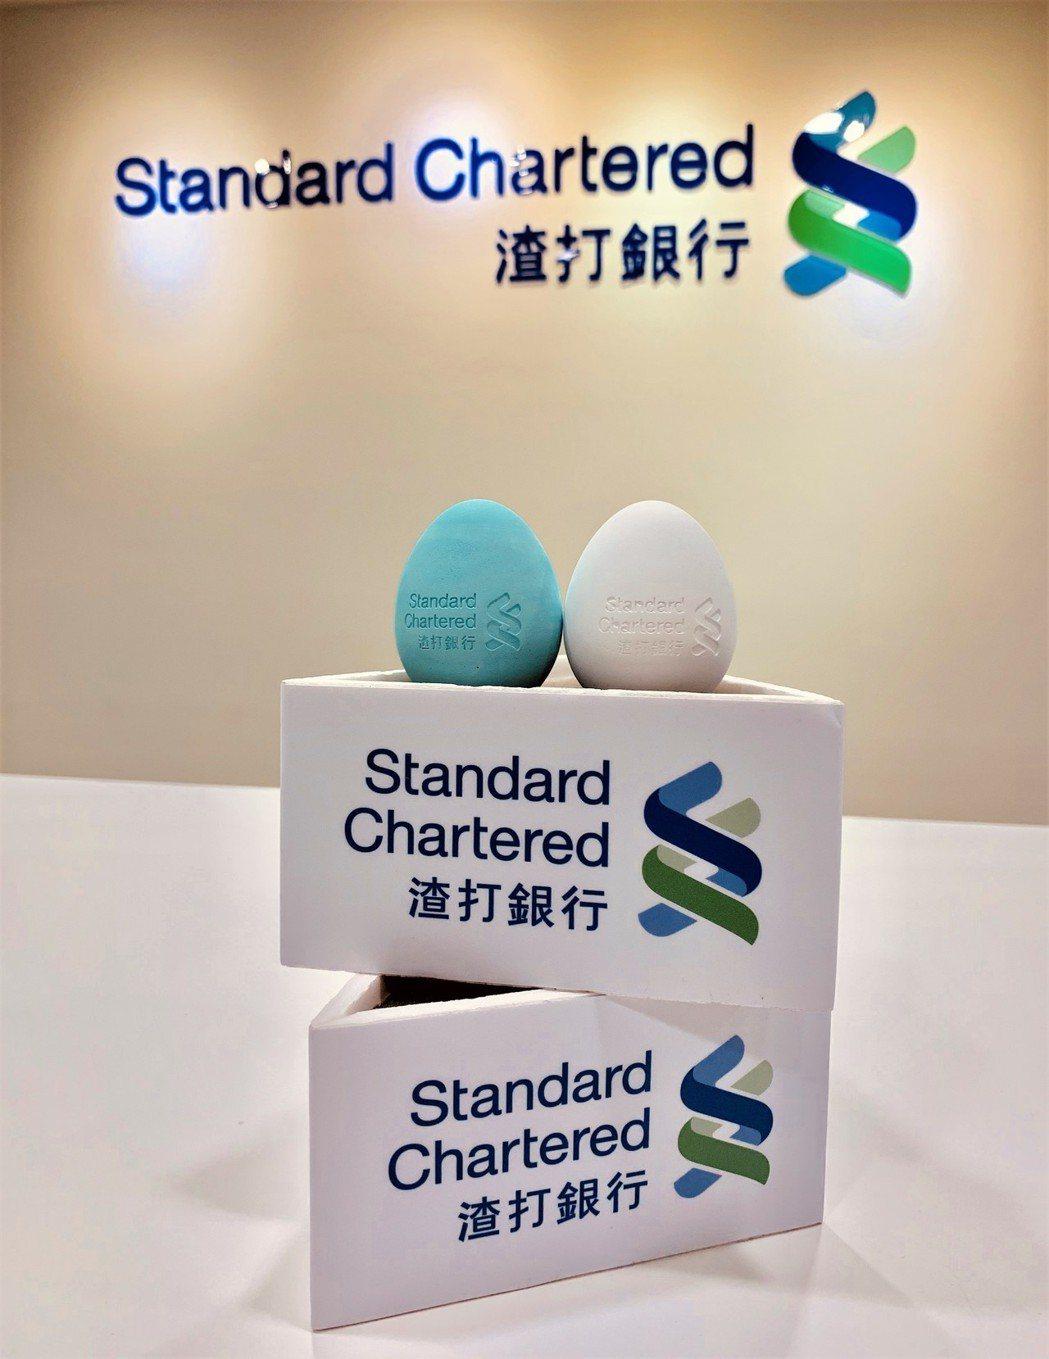 端午節立蛋活動,渣打銀行特製限量好彩蛋,提供蒞臨分行進行保險諮詢的客戶。圖/渣打...